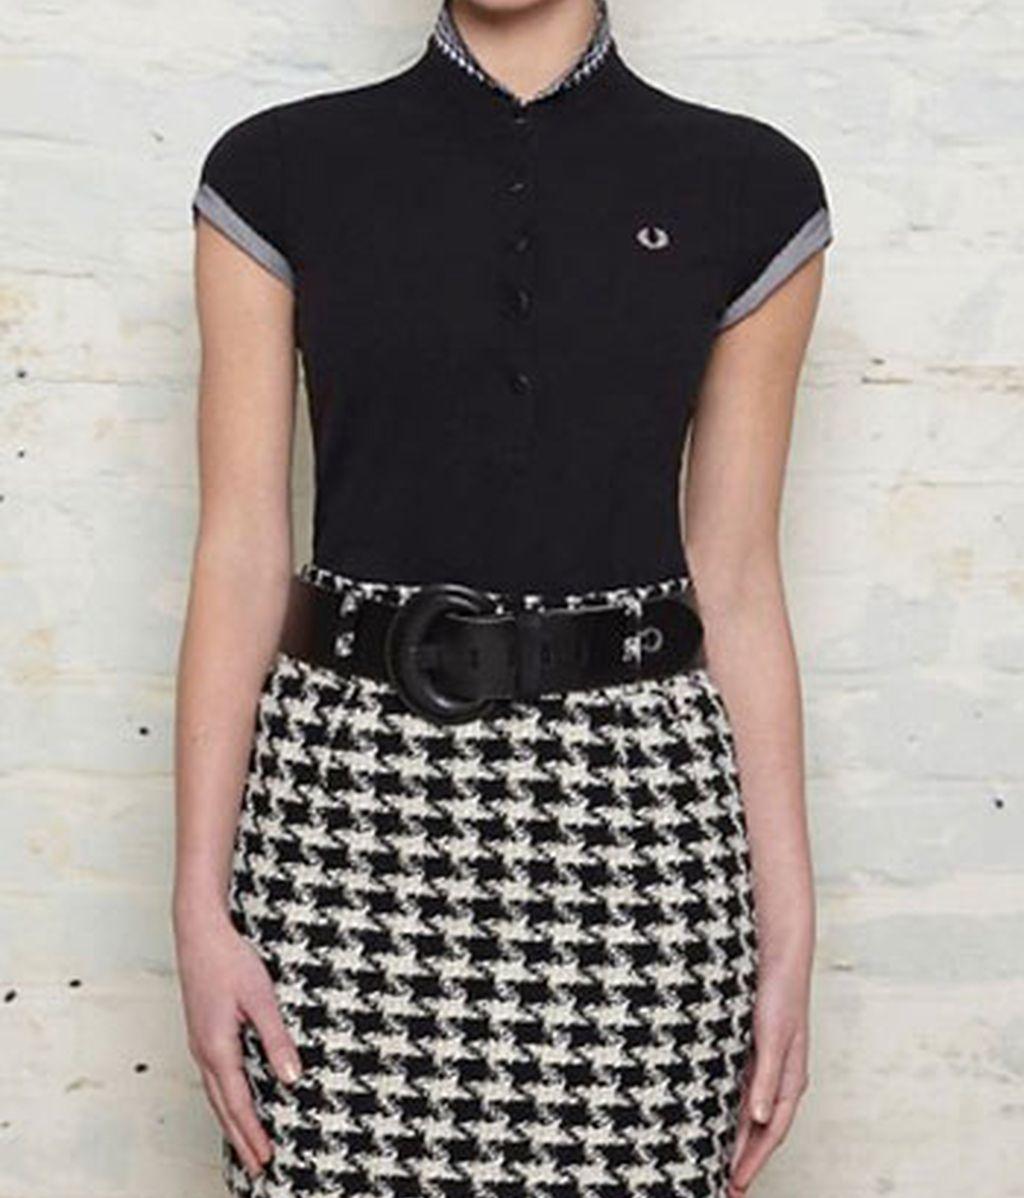 Moda diseñada por Amy Winehouse